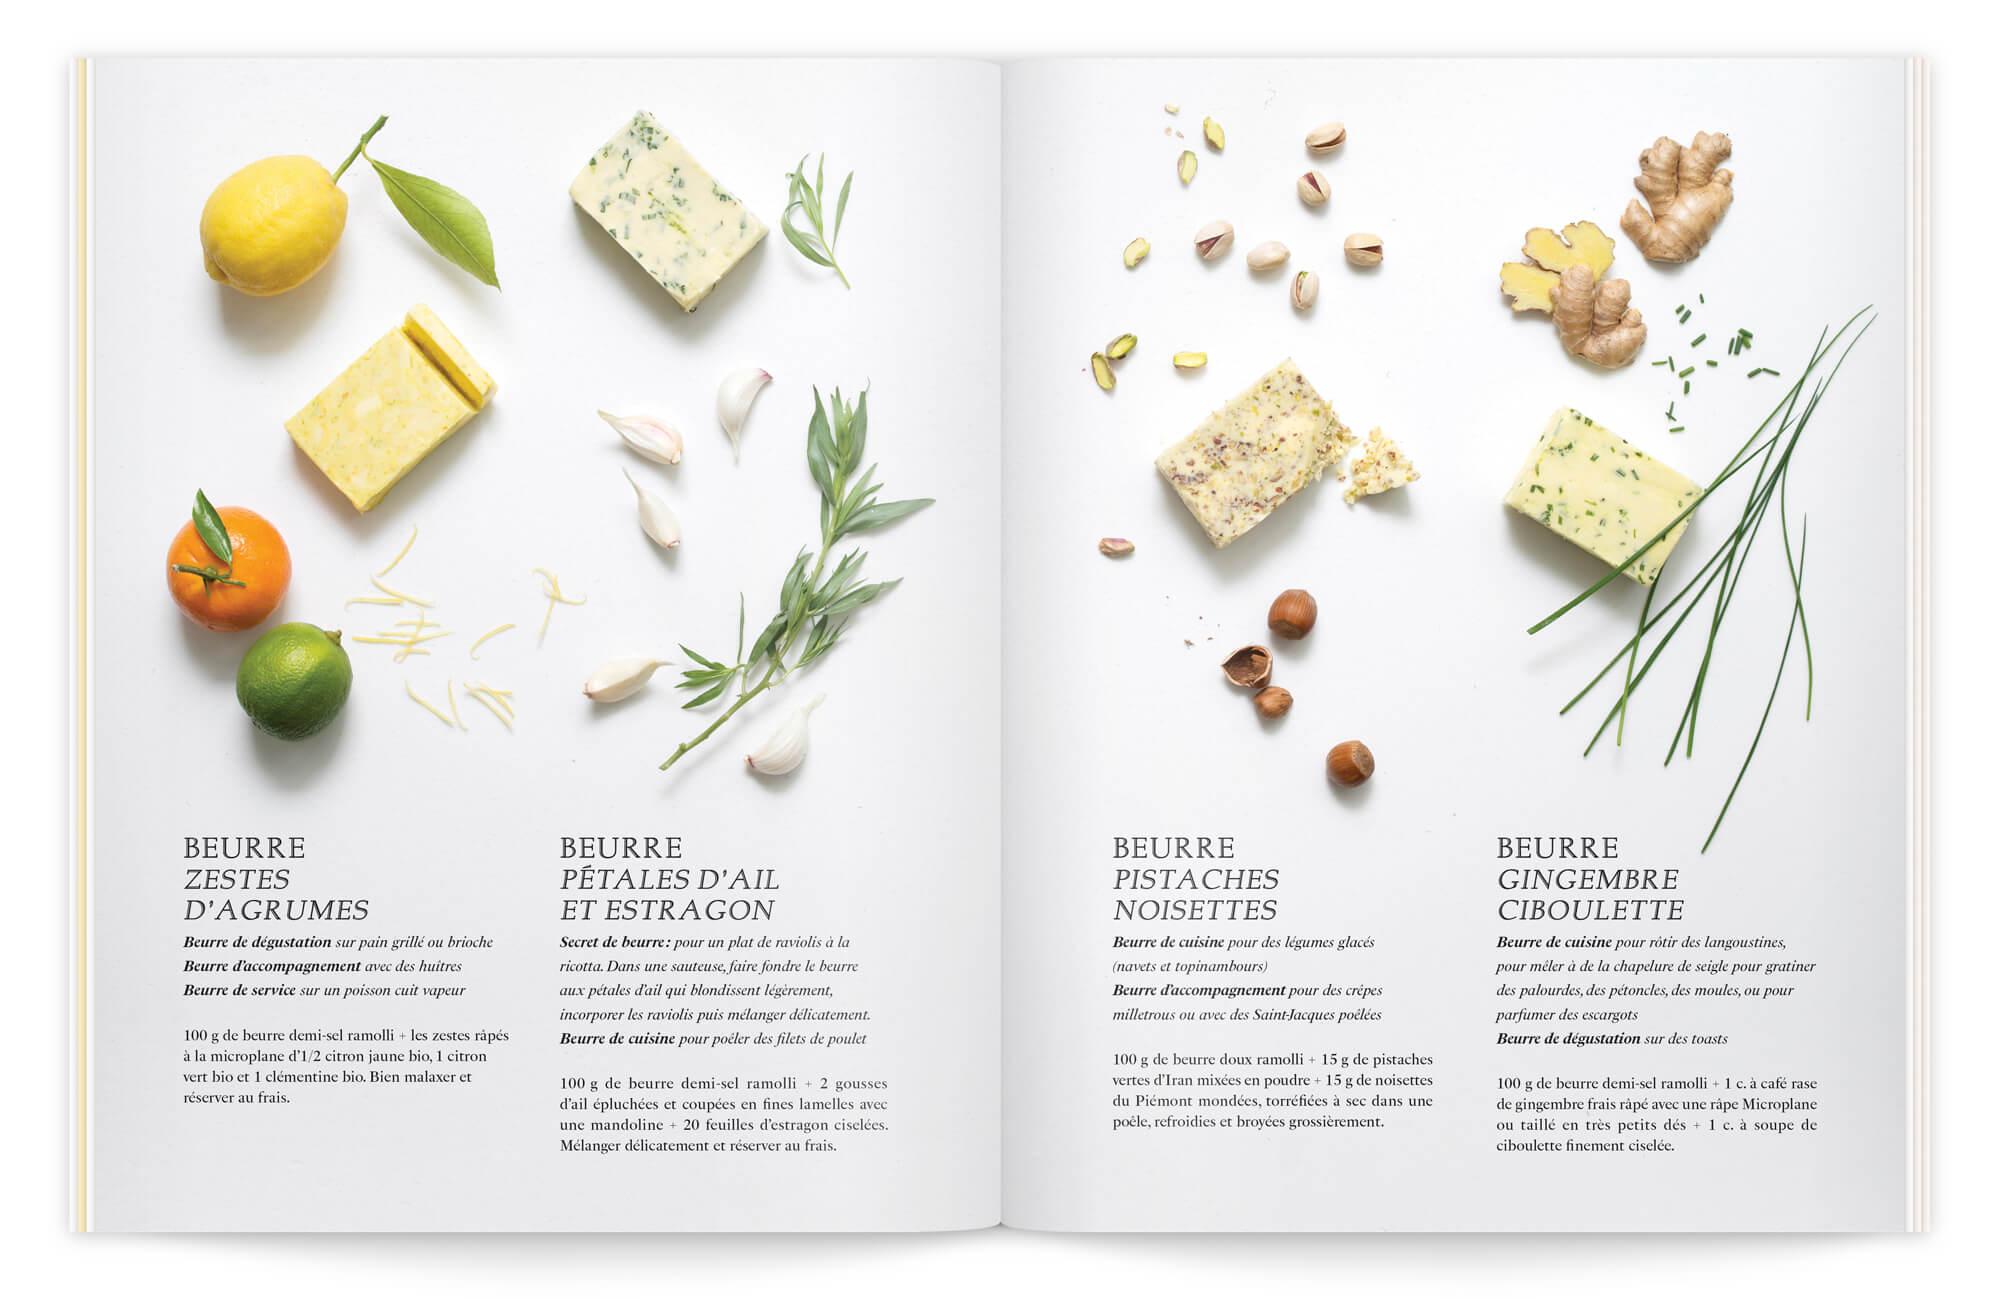 composition photo à la manière d'un plan de travail, pour cette double page sur le beurre, dessinée par le bureau d'Helena Ichbiah